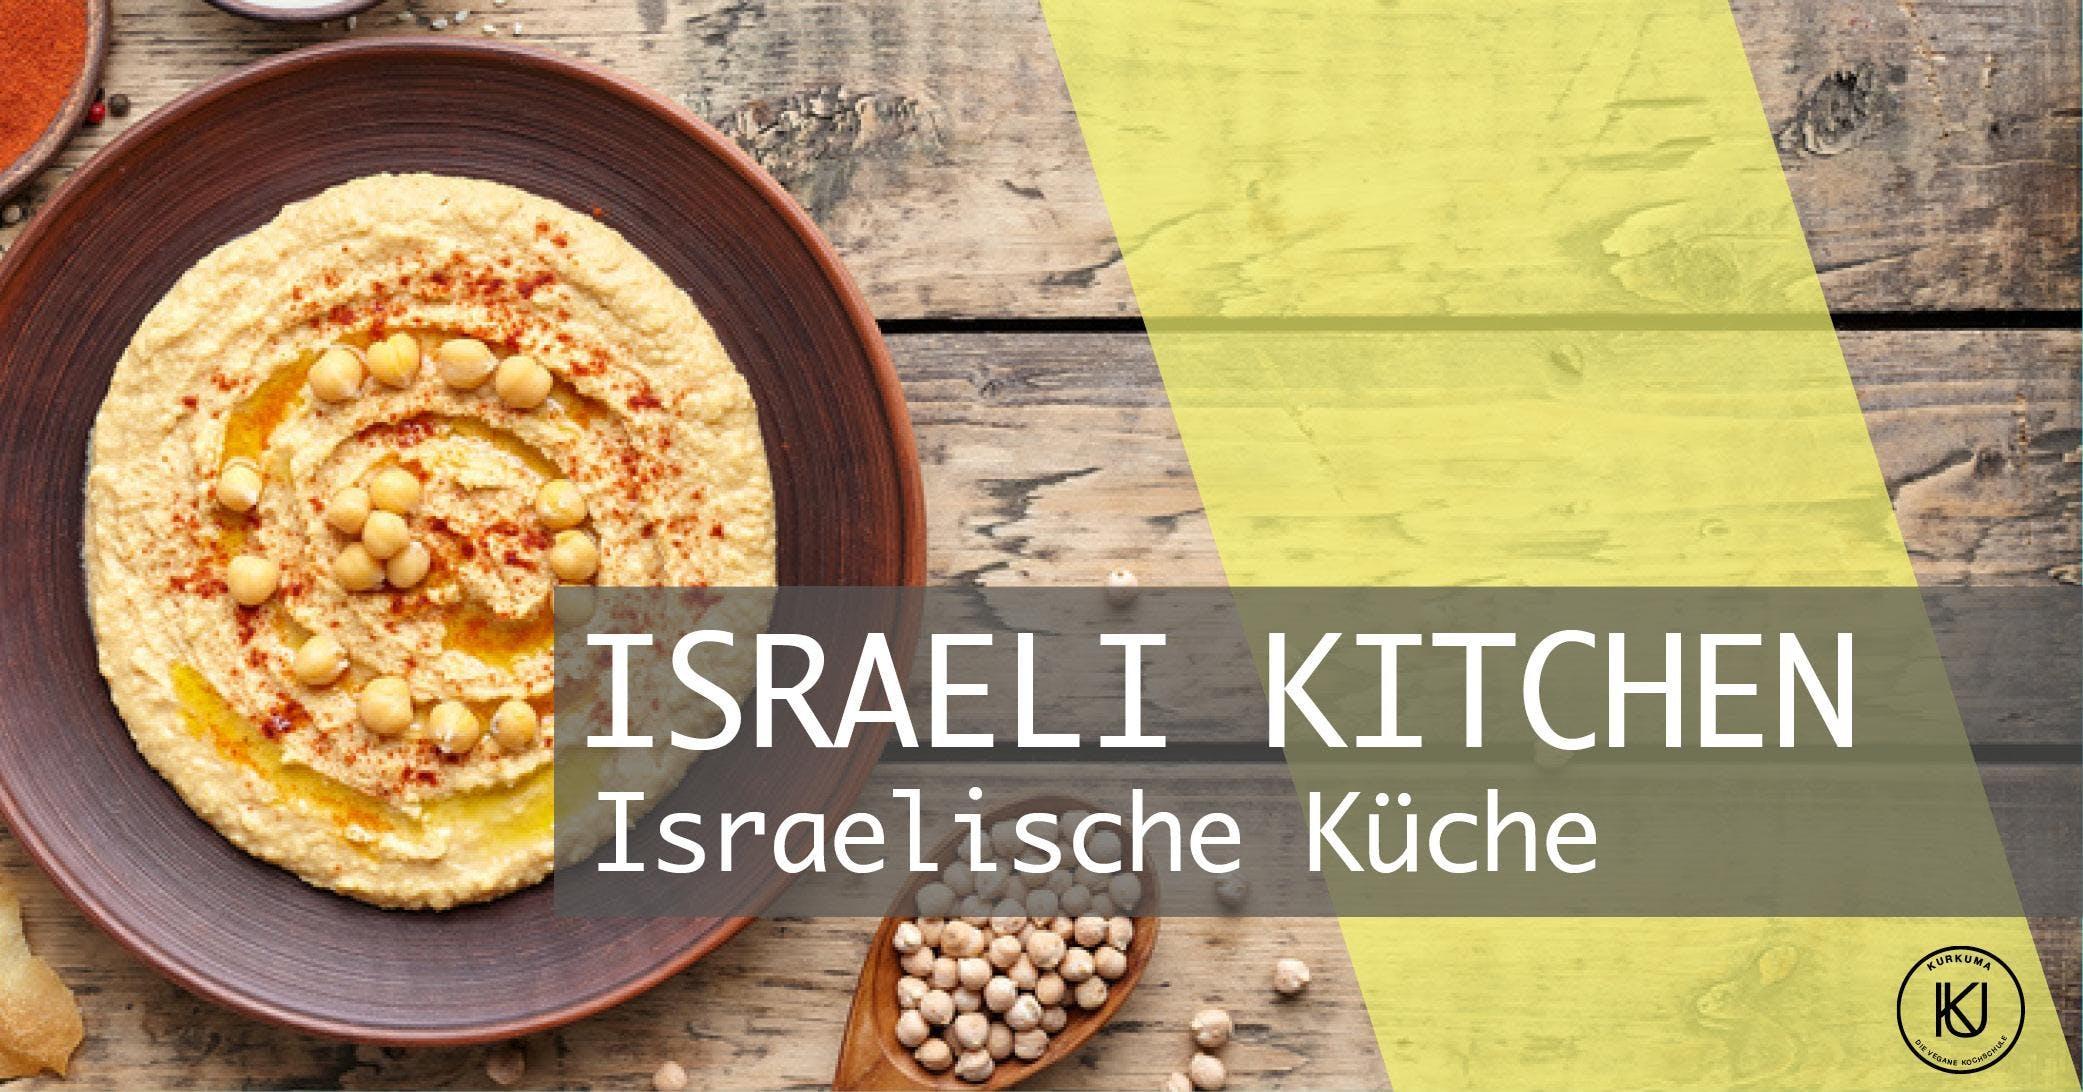 The Israeli Kitchen